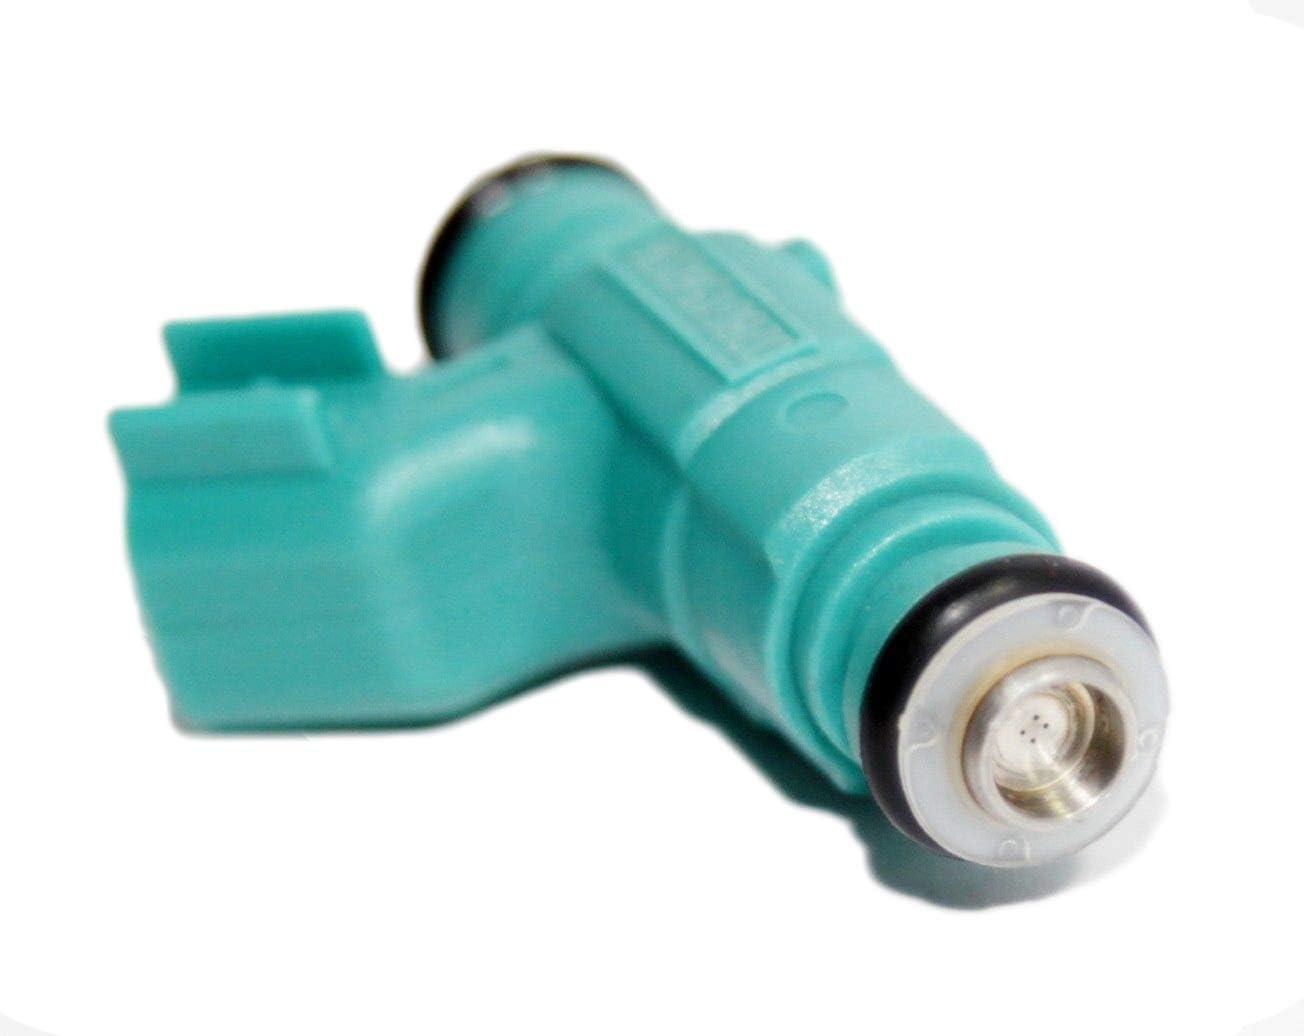 Fuel Injector for Chrysler Concorde Sebring Dodge Intrepid Stratus 2.7L